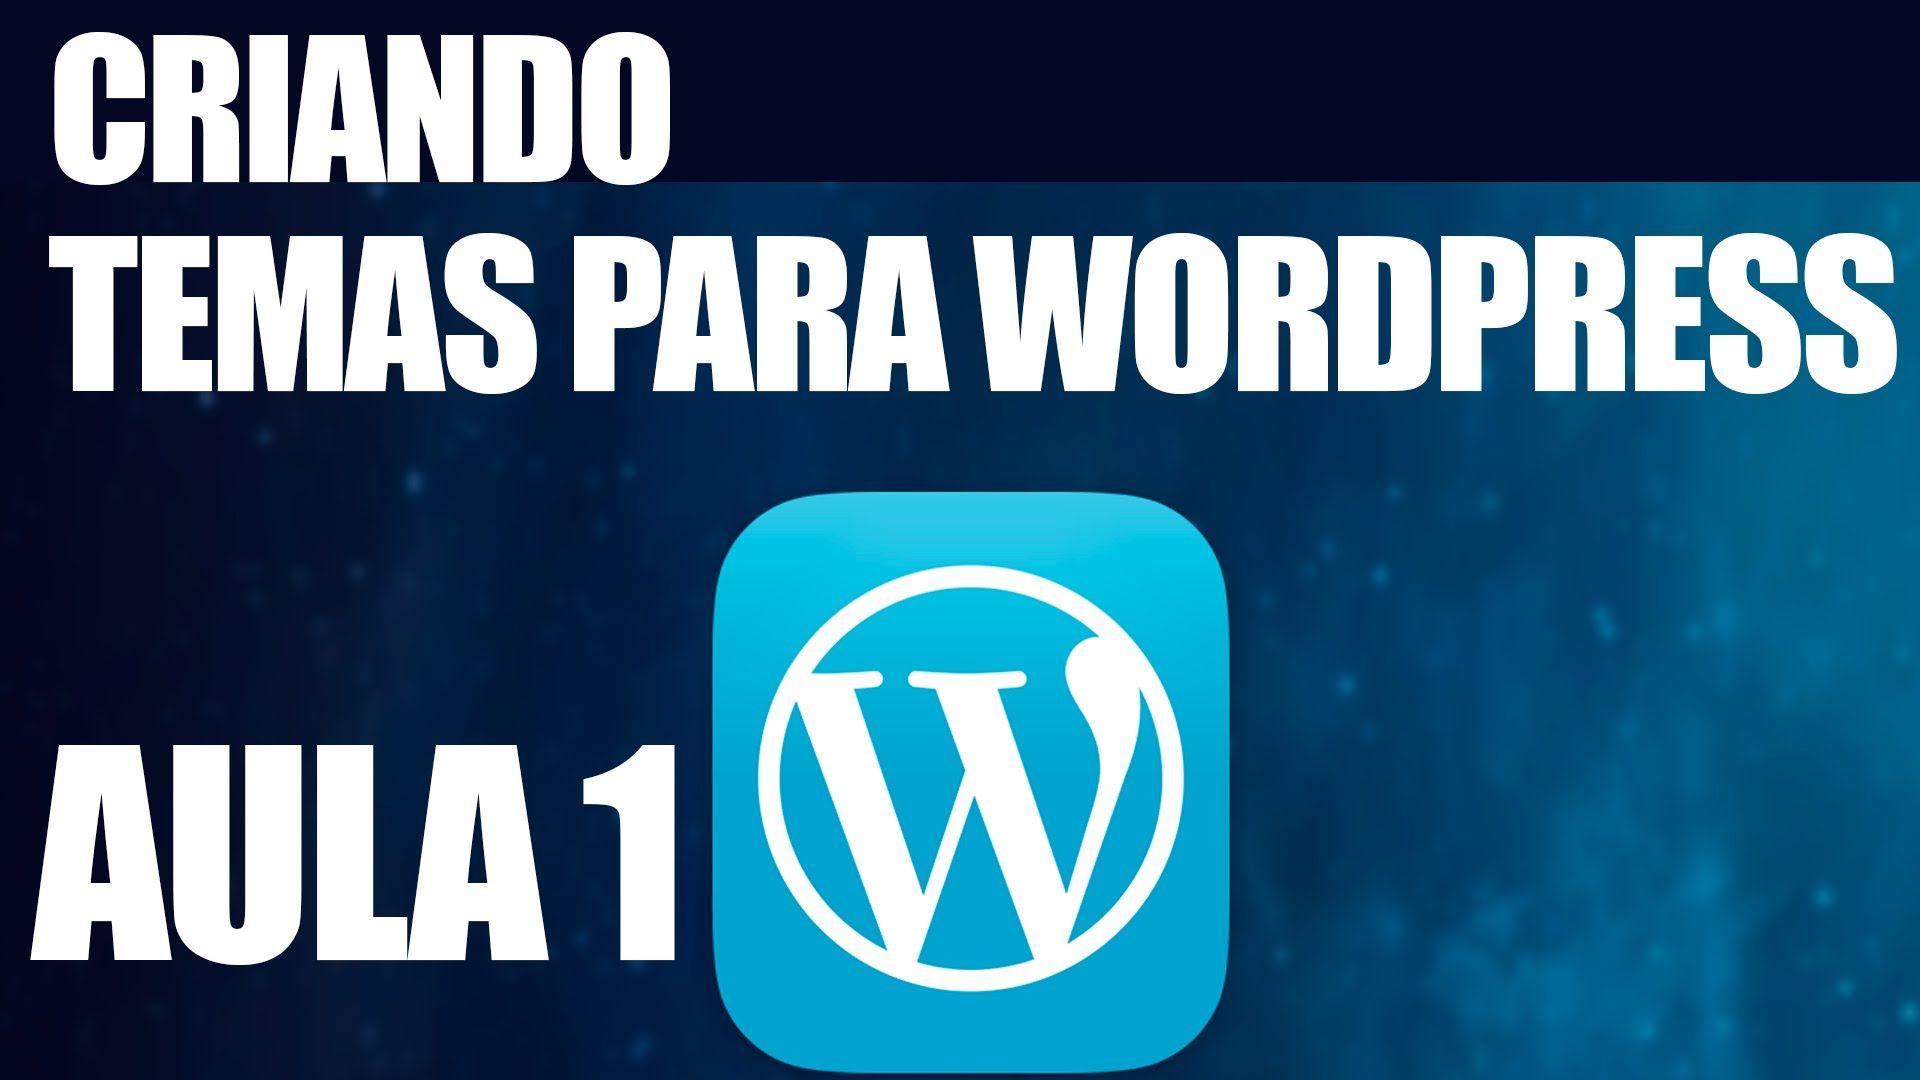 Criando Temas para wordpress - Aula 1 Instalando o Wordpress no servidor...